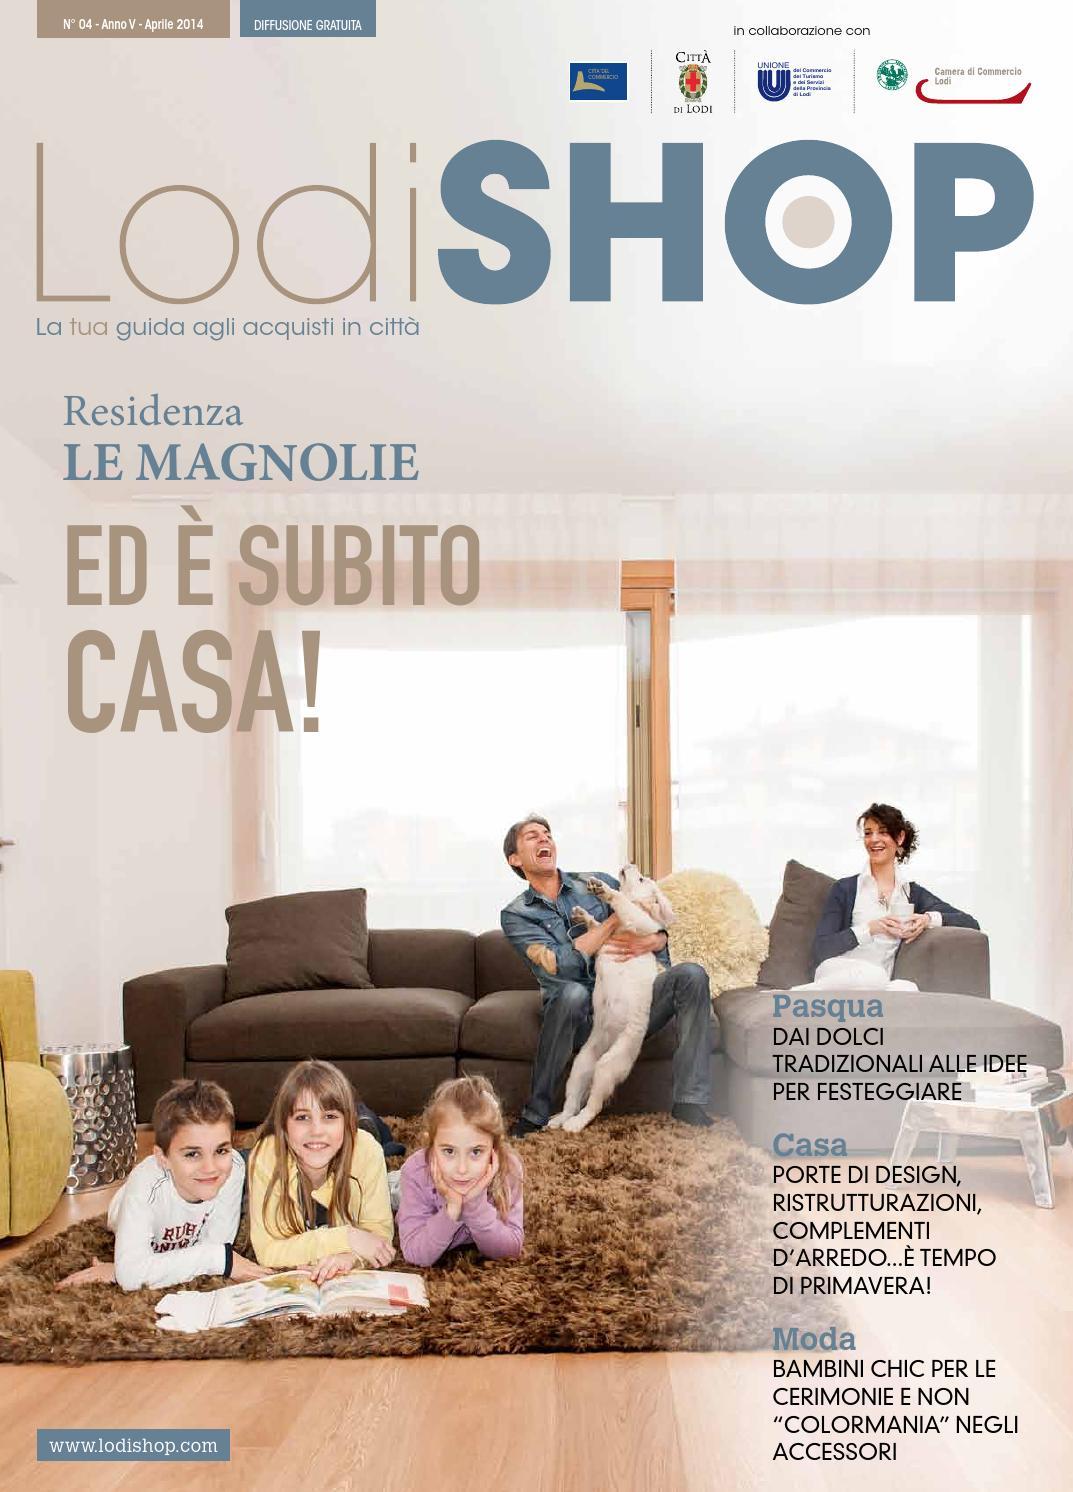 Arredamento Buongiorno Lodi lodishop aprile 2014 by lodi shop - issuu